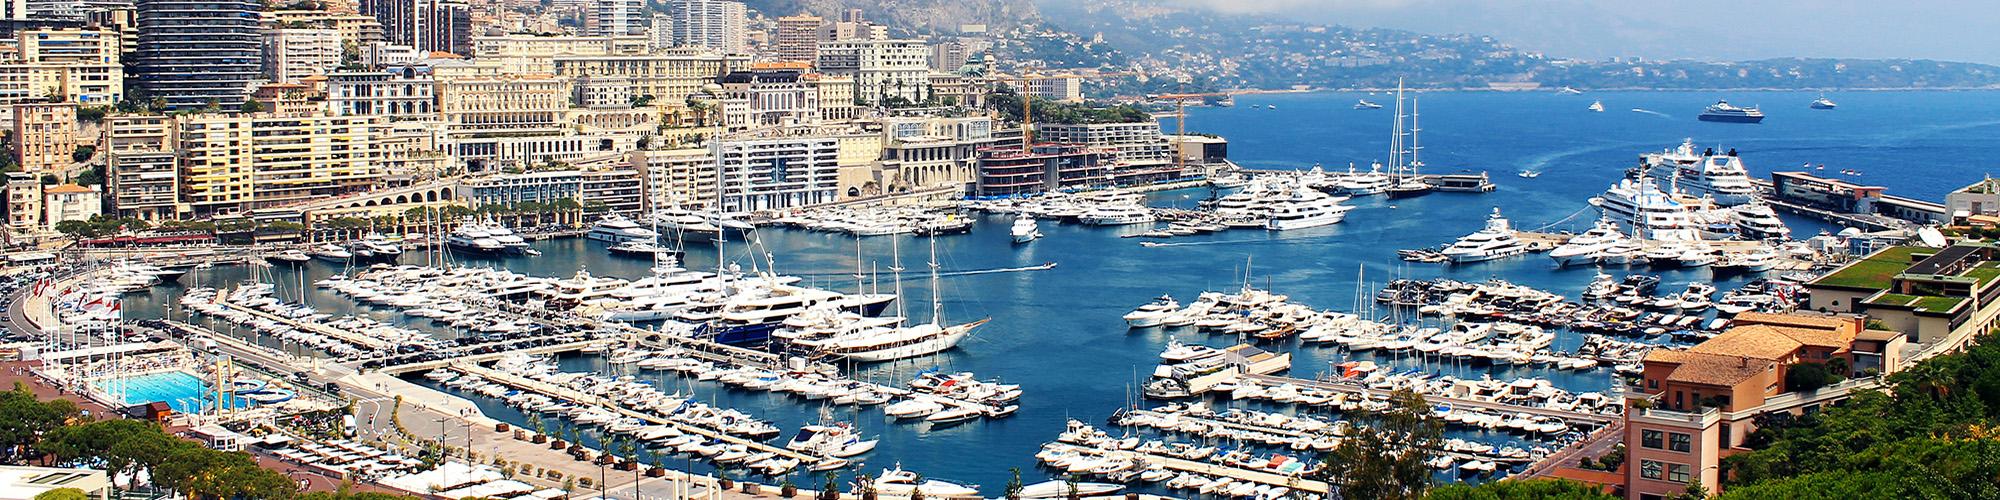 luxury-monaco-port-3586